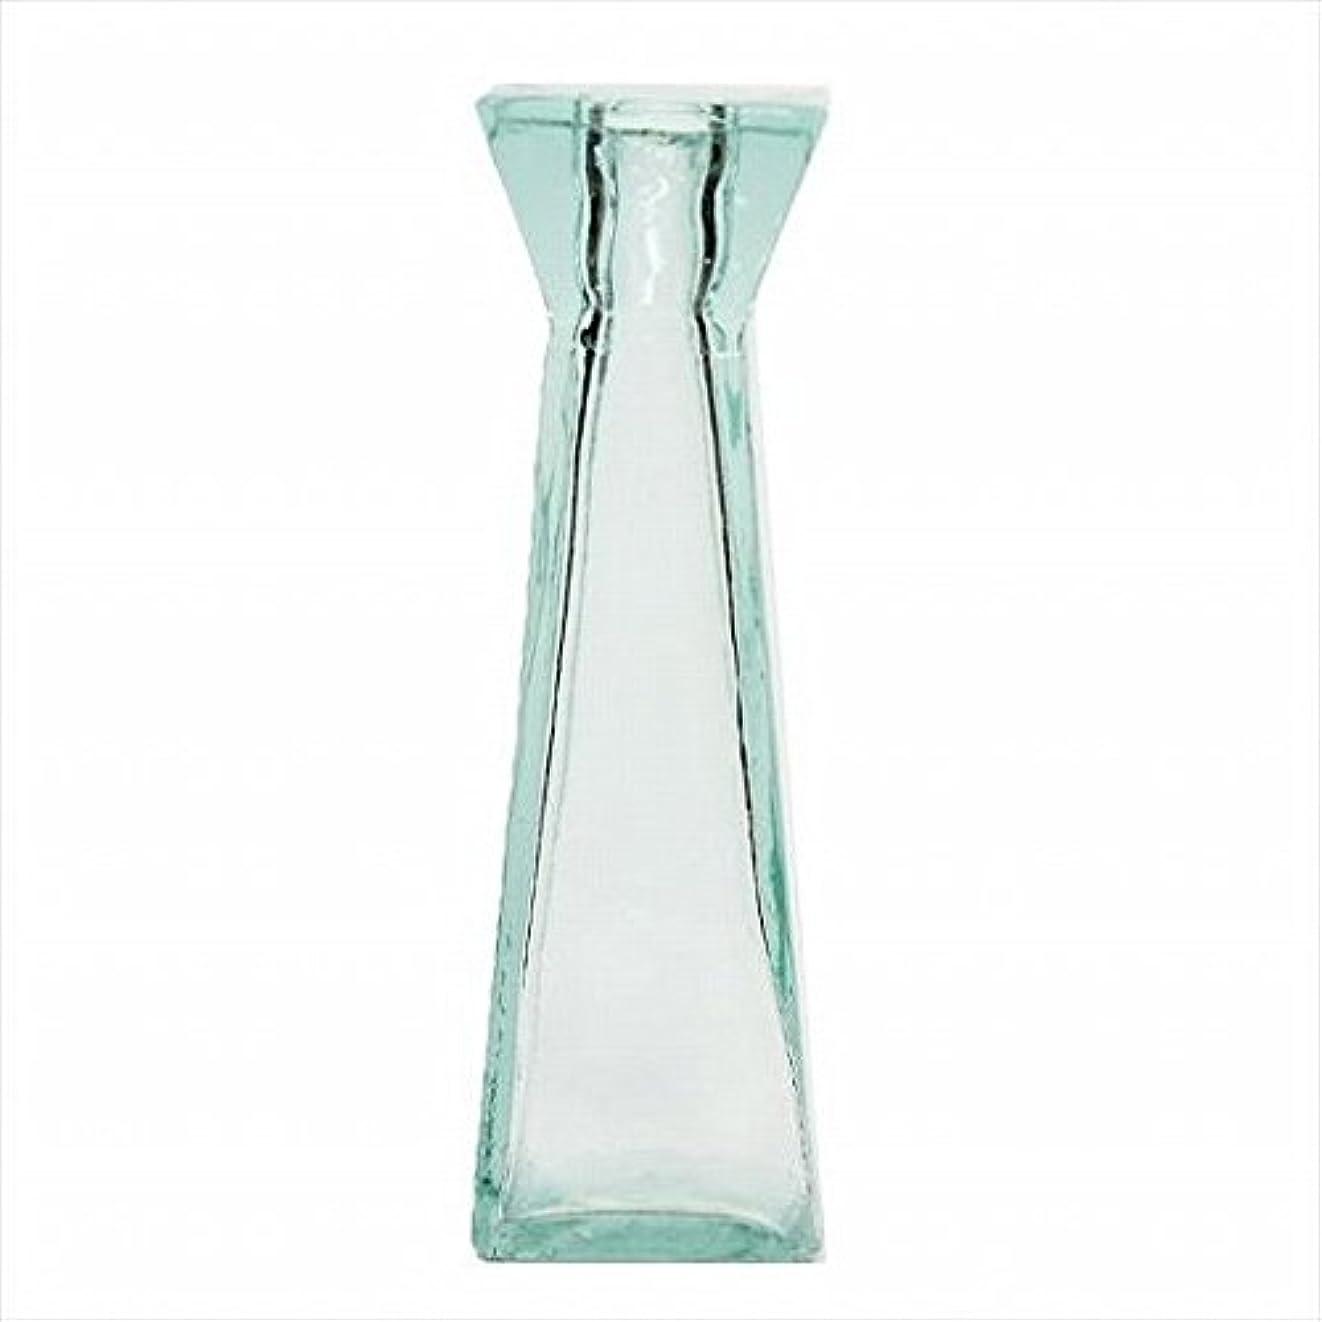 たとえミリメーター証人kameyama candle(カメヤマキャンドル) オリオンS キャンドル 45x45x150mm (J4010000)